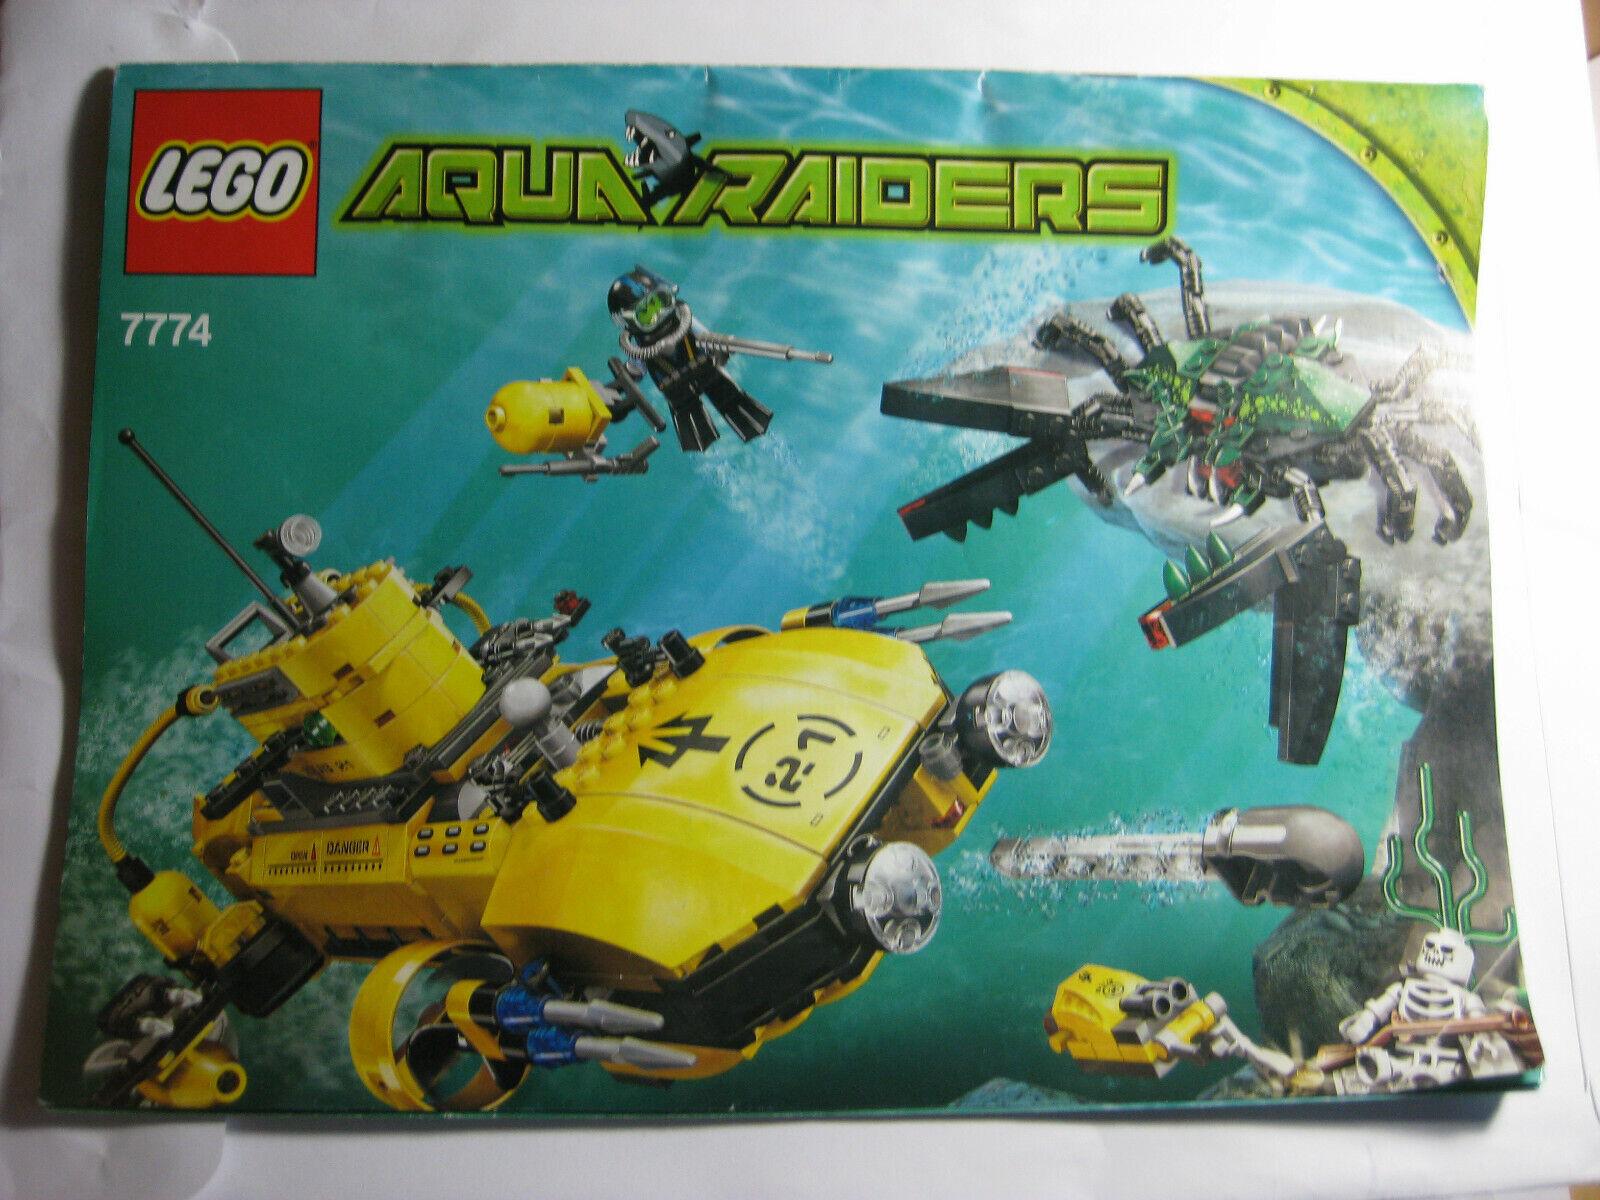 Lego Sets 7771, 7772, 7772, 7772, 7774 Crab Lobster Angler Aqua Raiders Aquazone 8d32e1